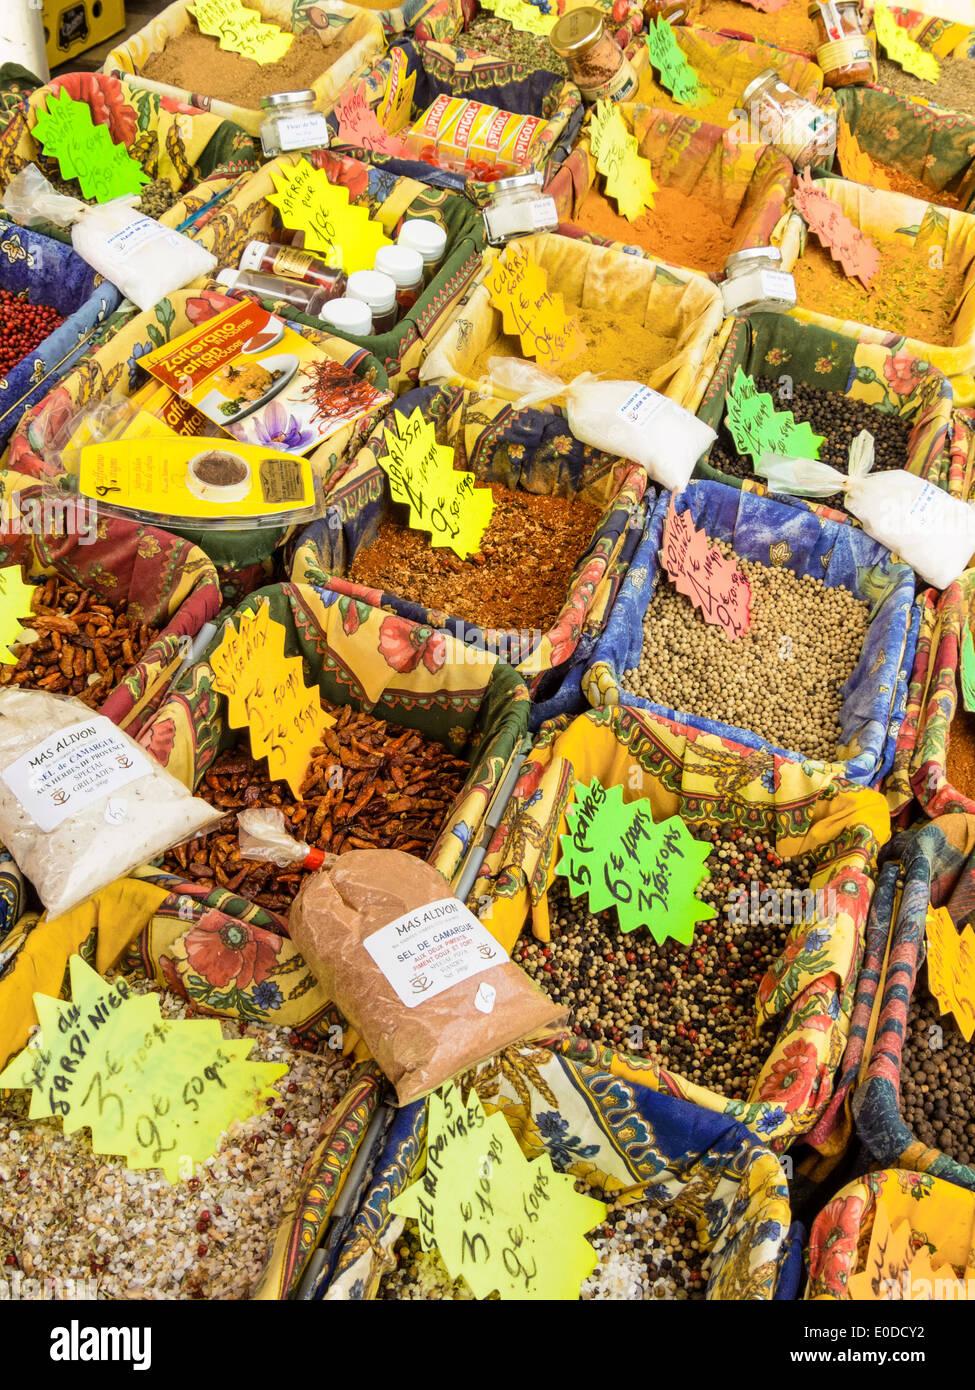 Variety in spices at the market. Fresh spices refine every food., Vielfalt an Gewuerzen auf dem Markt. Frische Gewuerze verfeine - Stock Image